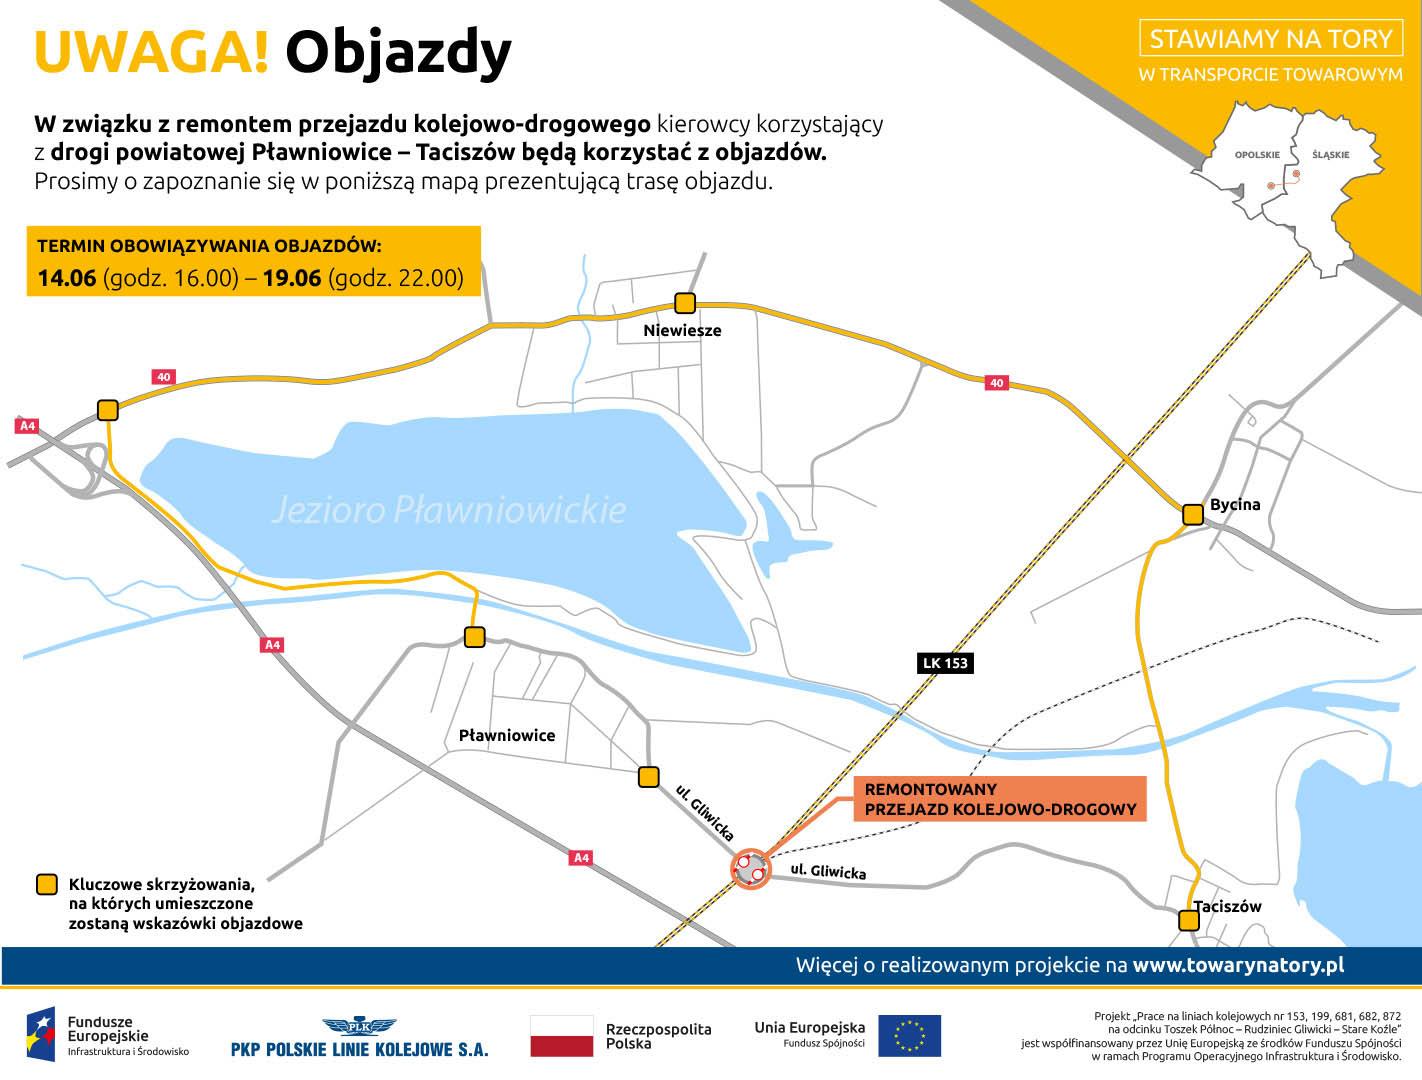 Infografika mówi o objazdach Pławniowic w czerwcu dwa tysiące dziewiętnastego roku. Objazd będzie kierowany przez: Taciszów, Bycina, Niewiesze.